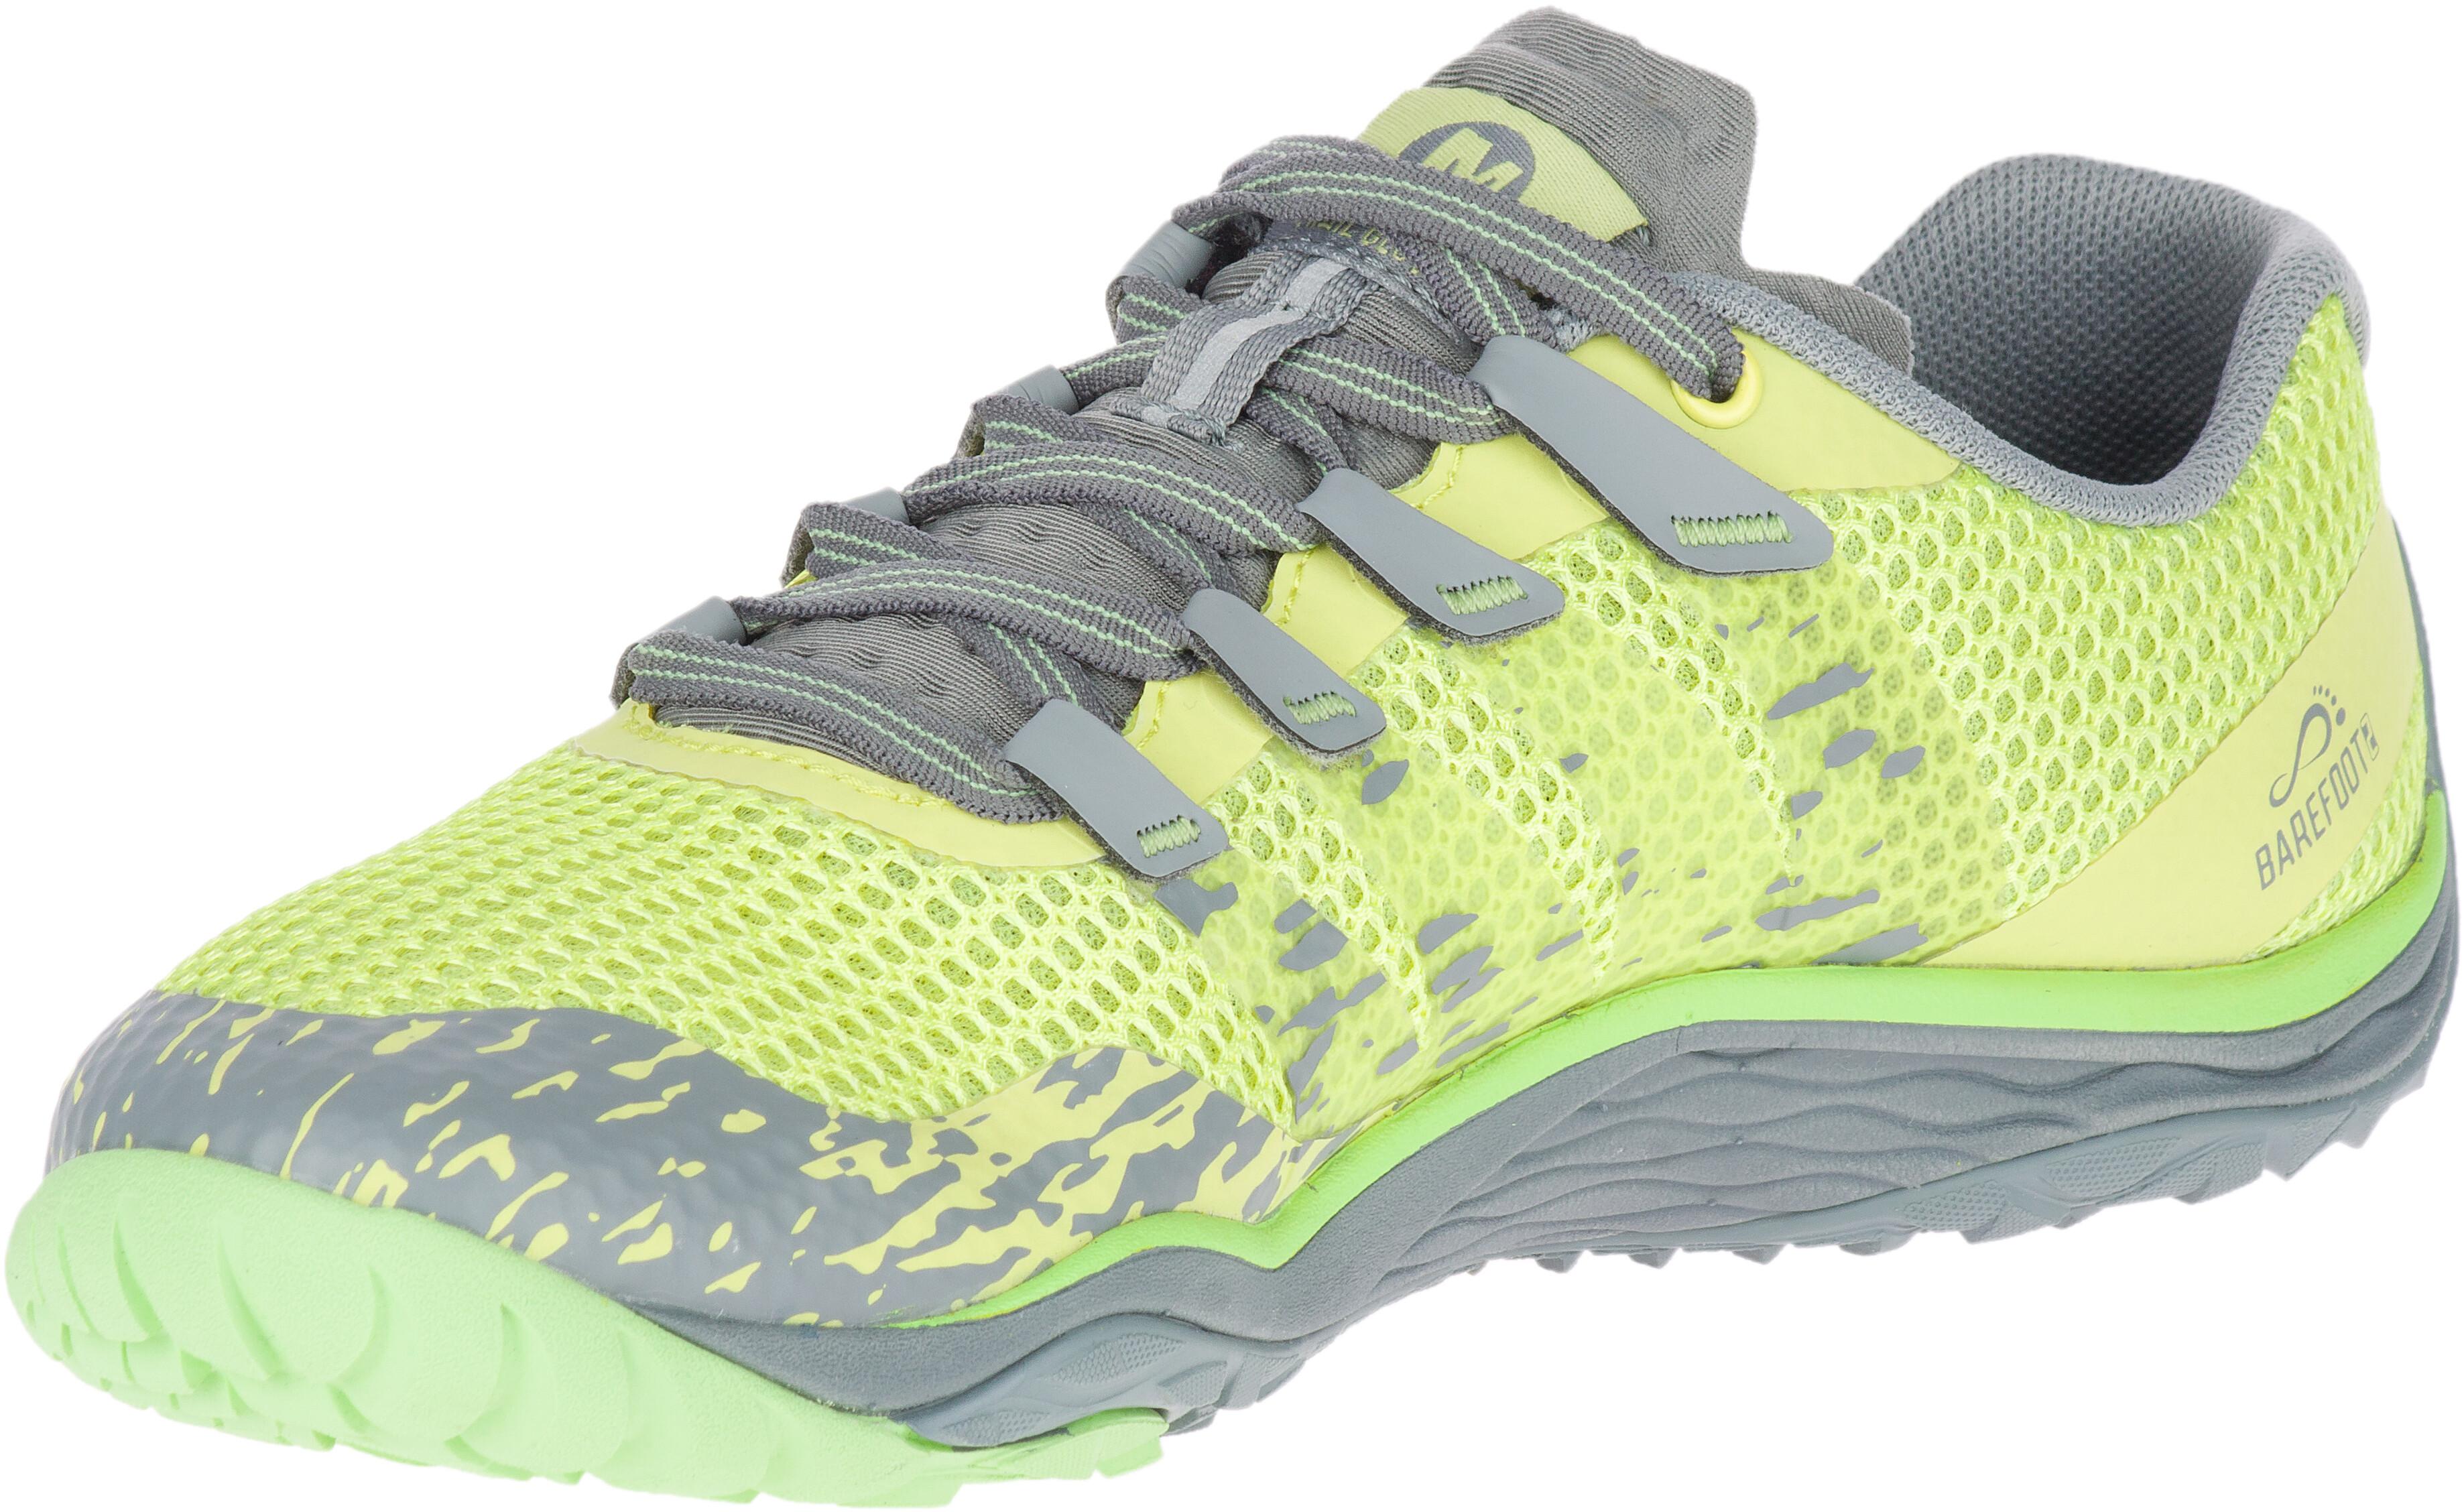 4bf456d9684 Merrell Trail Glove 5 Sko Damer grå/grøn   Find outdoortøj, sko ...